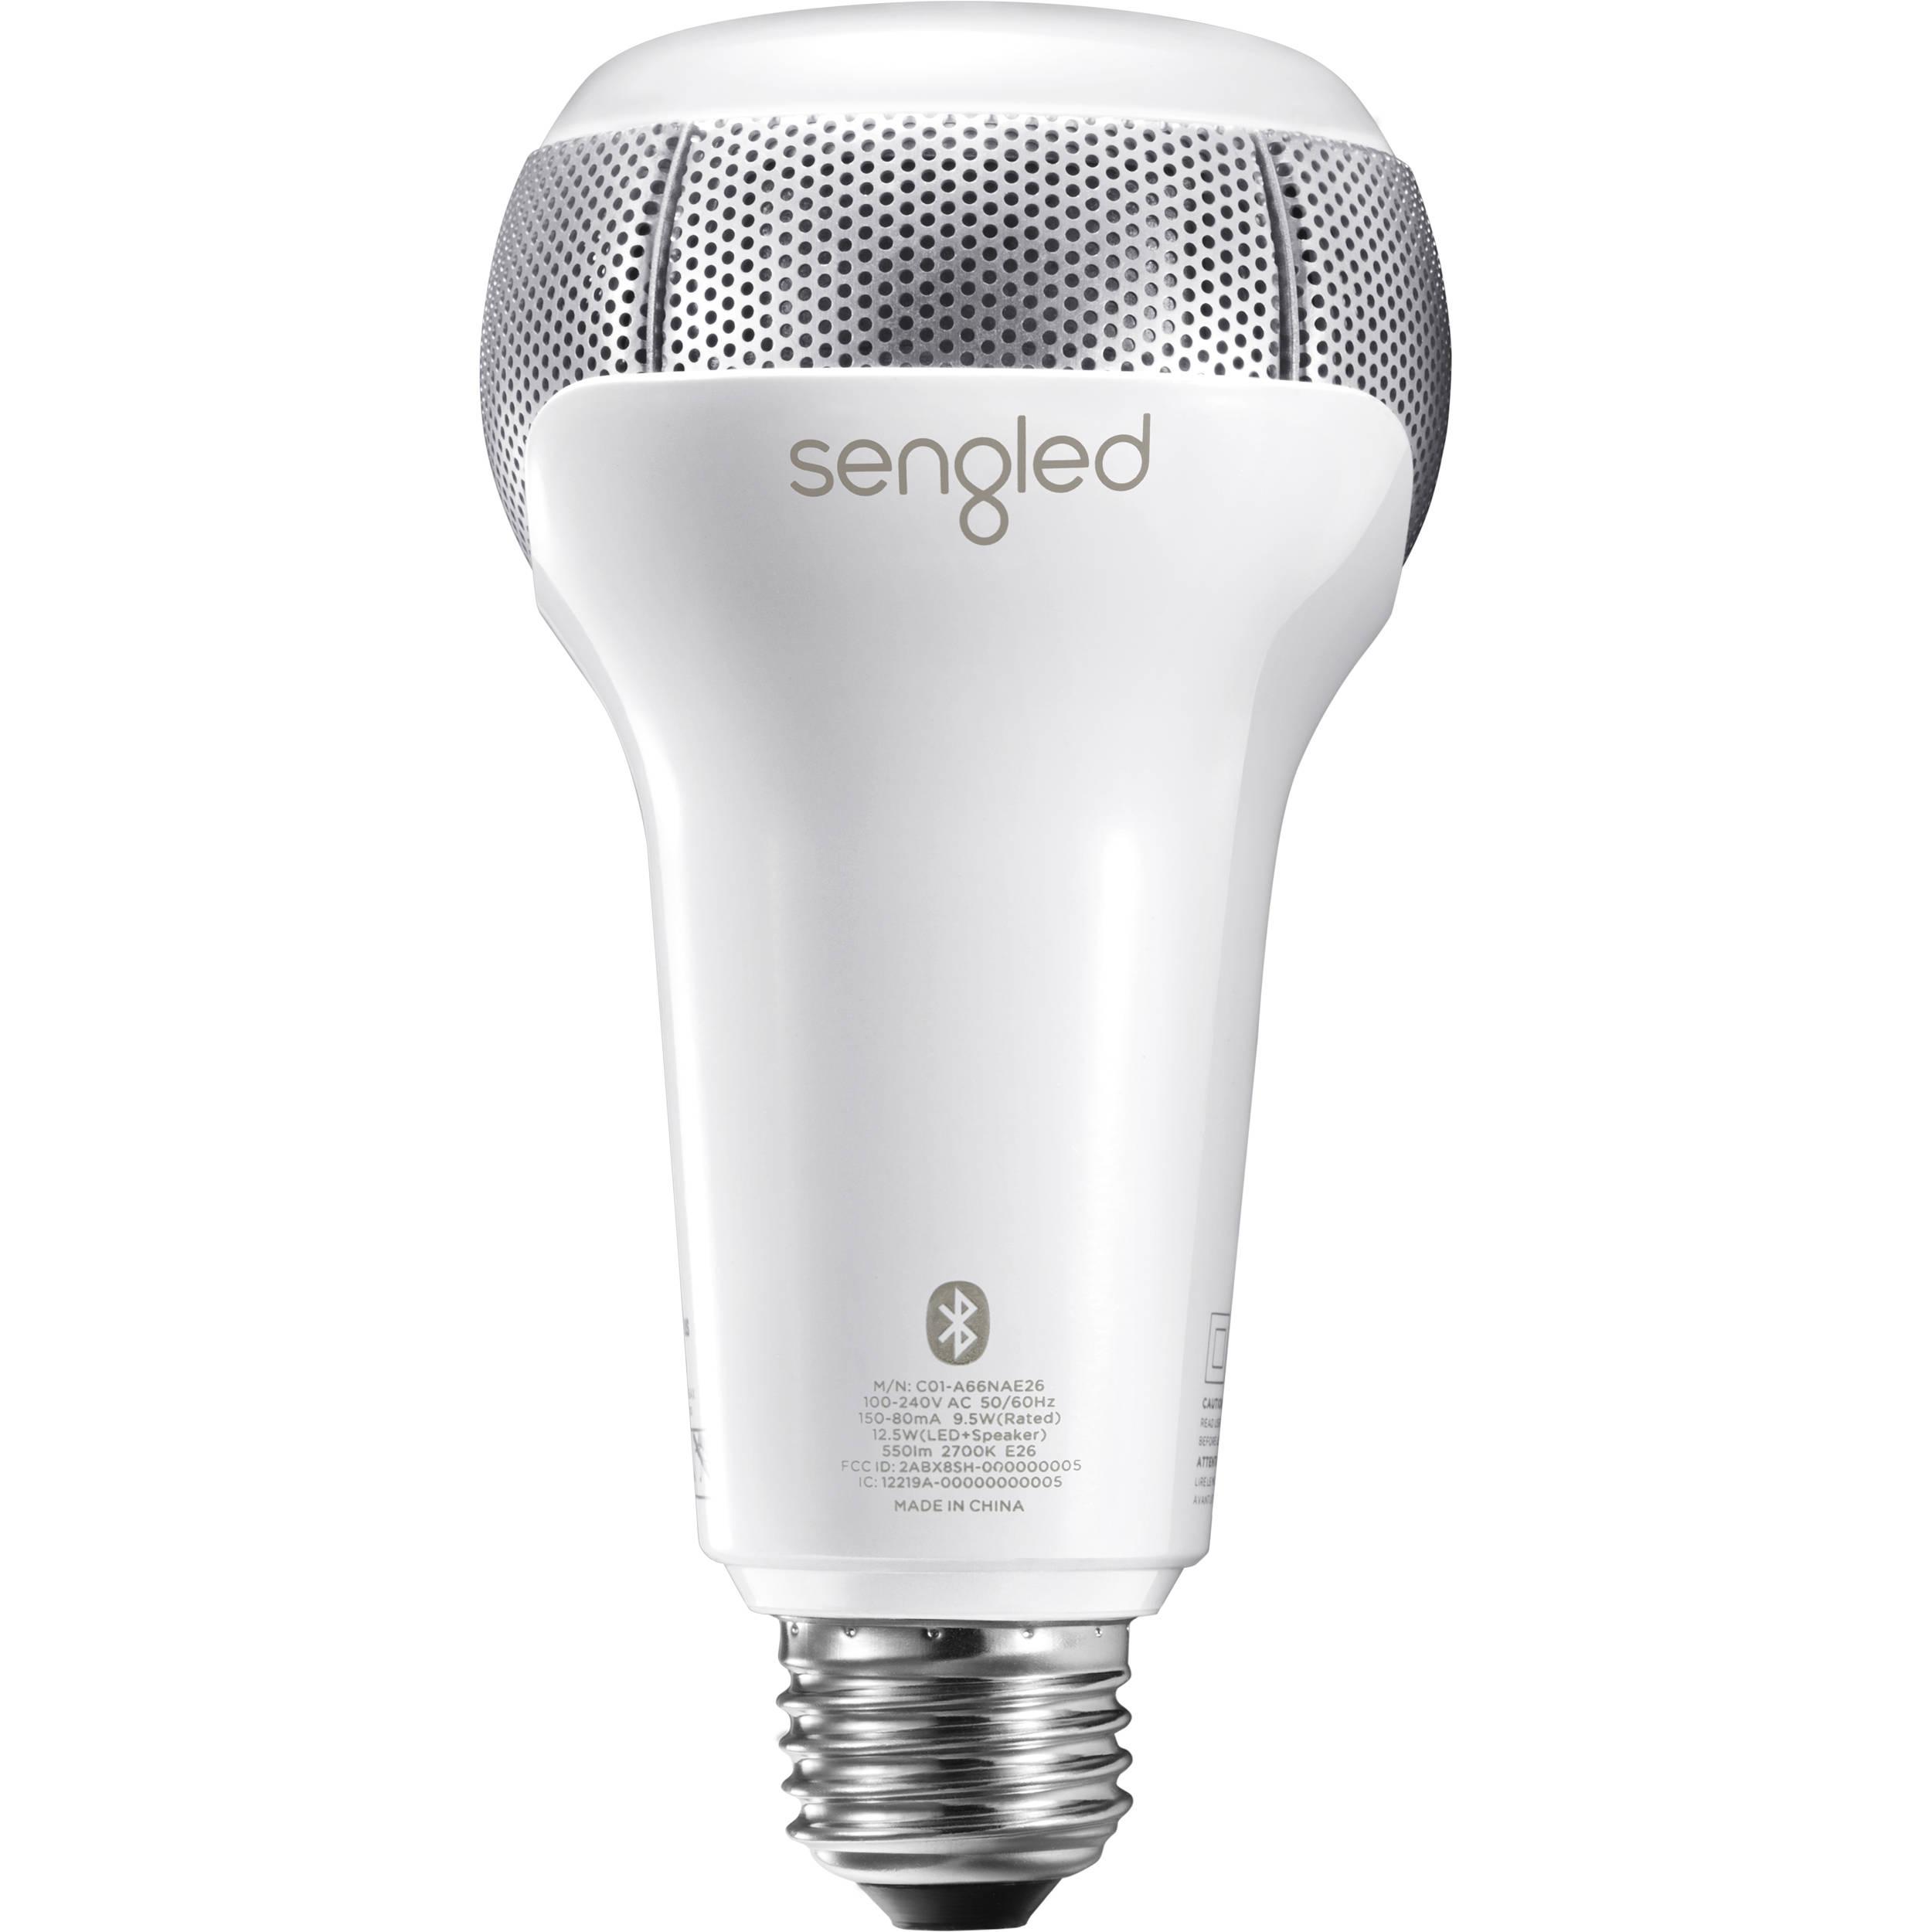 Sengled Pulse Solo Led Light Bulb With Dual C01 A66nae26w B H